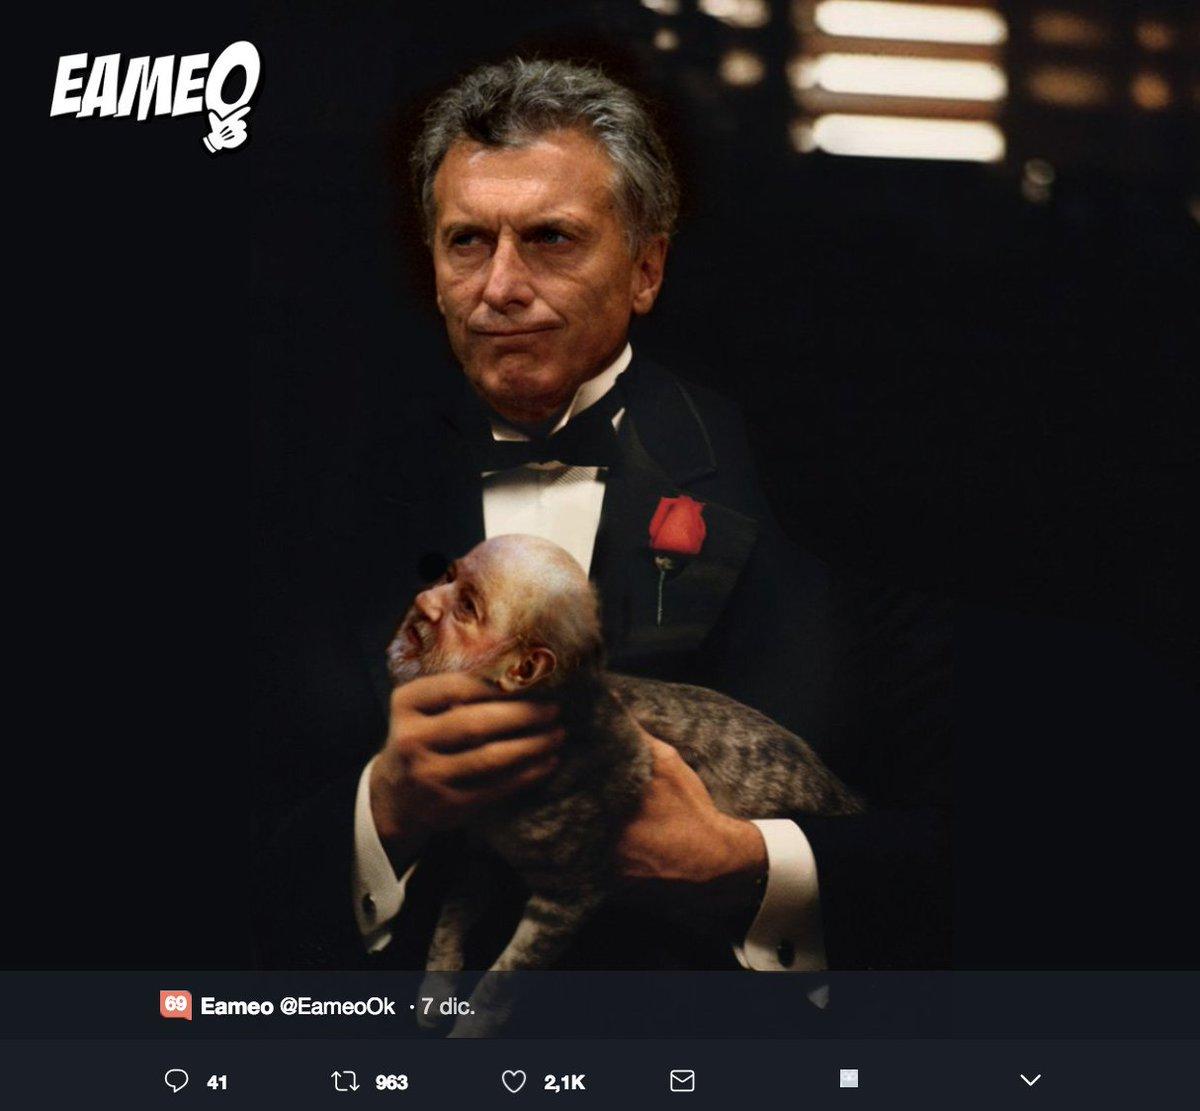 Inspiradísmo #DiciembreSePrestaPara un Best of Memes de @EameoOk https://t.co/NtfXCXyAMD